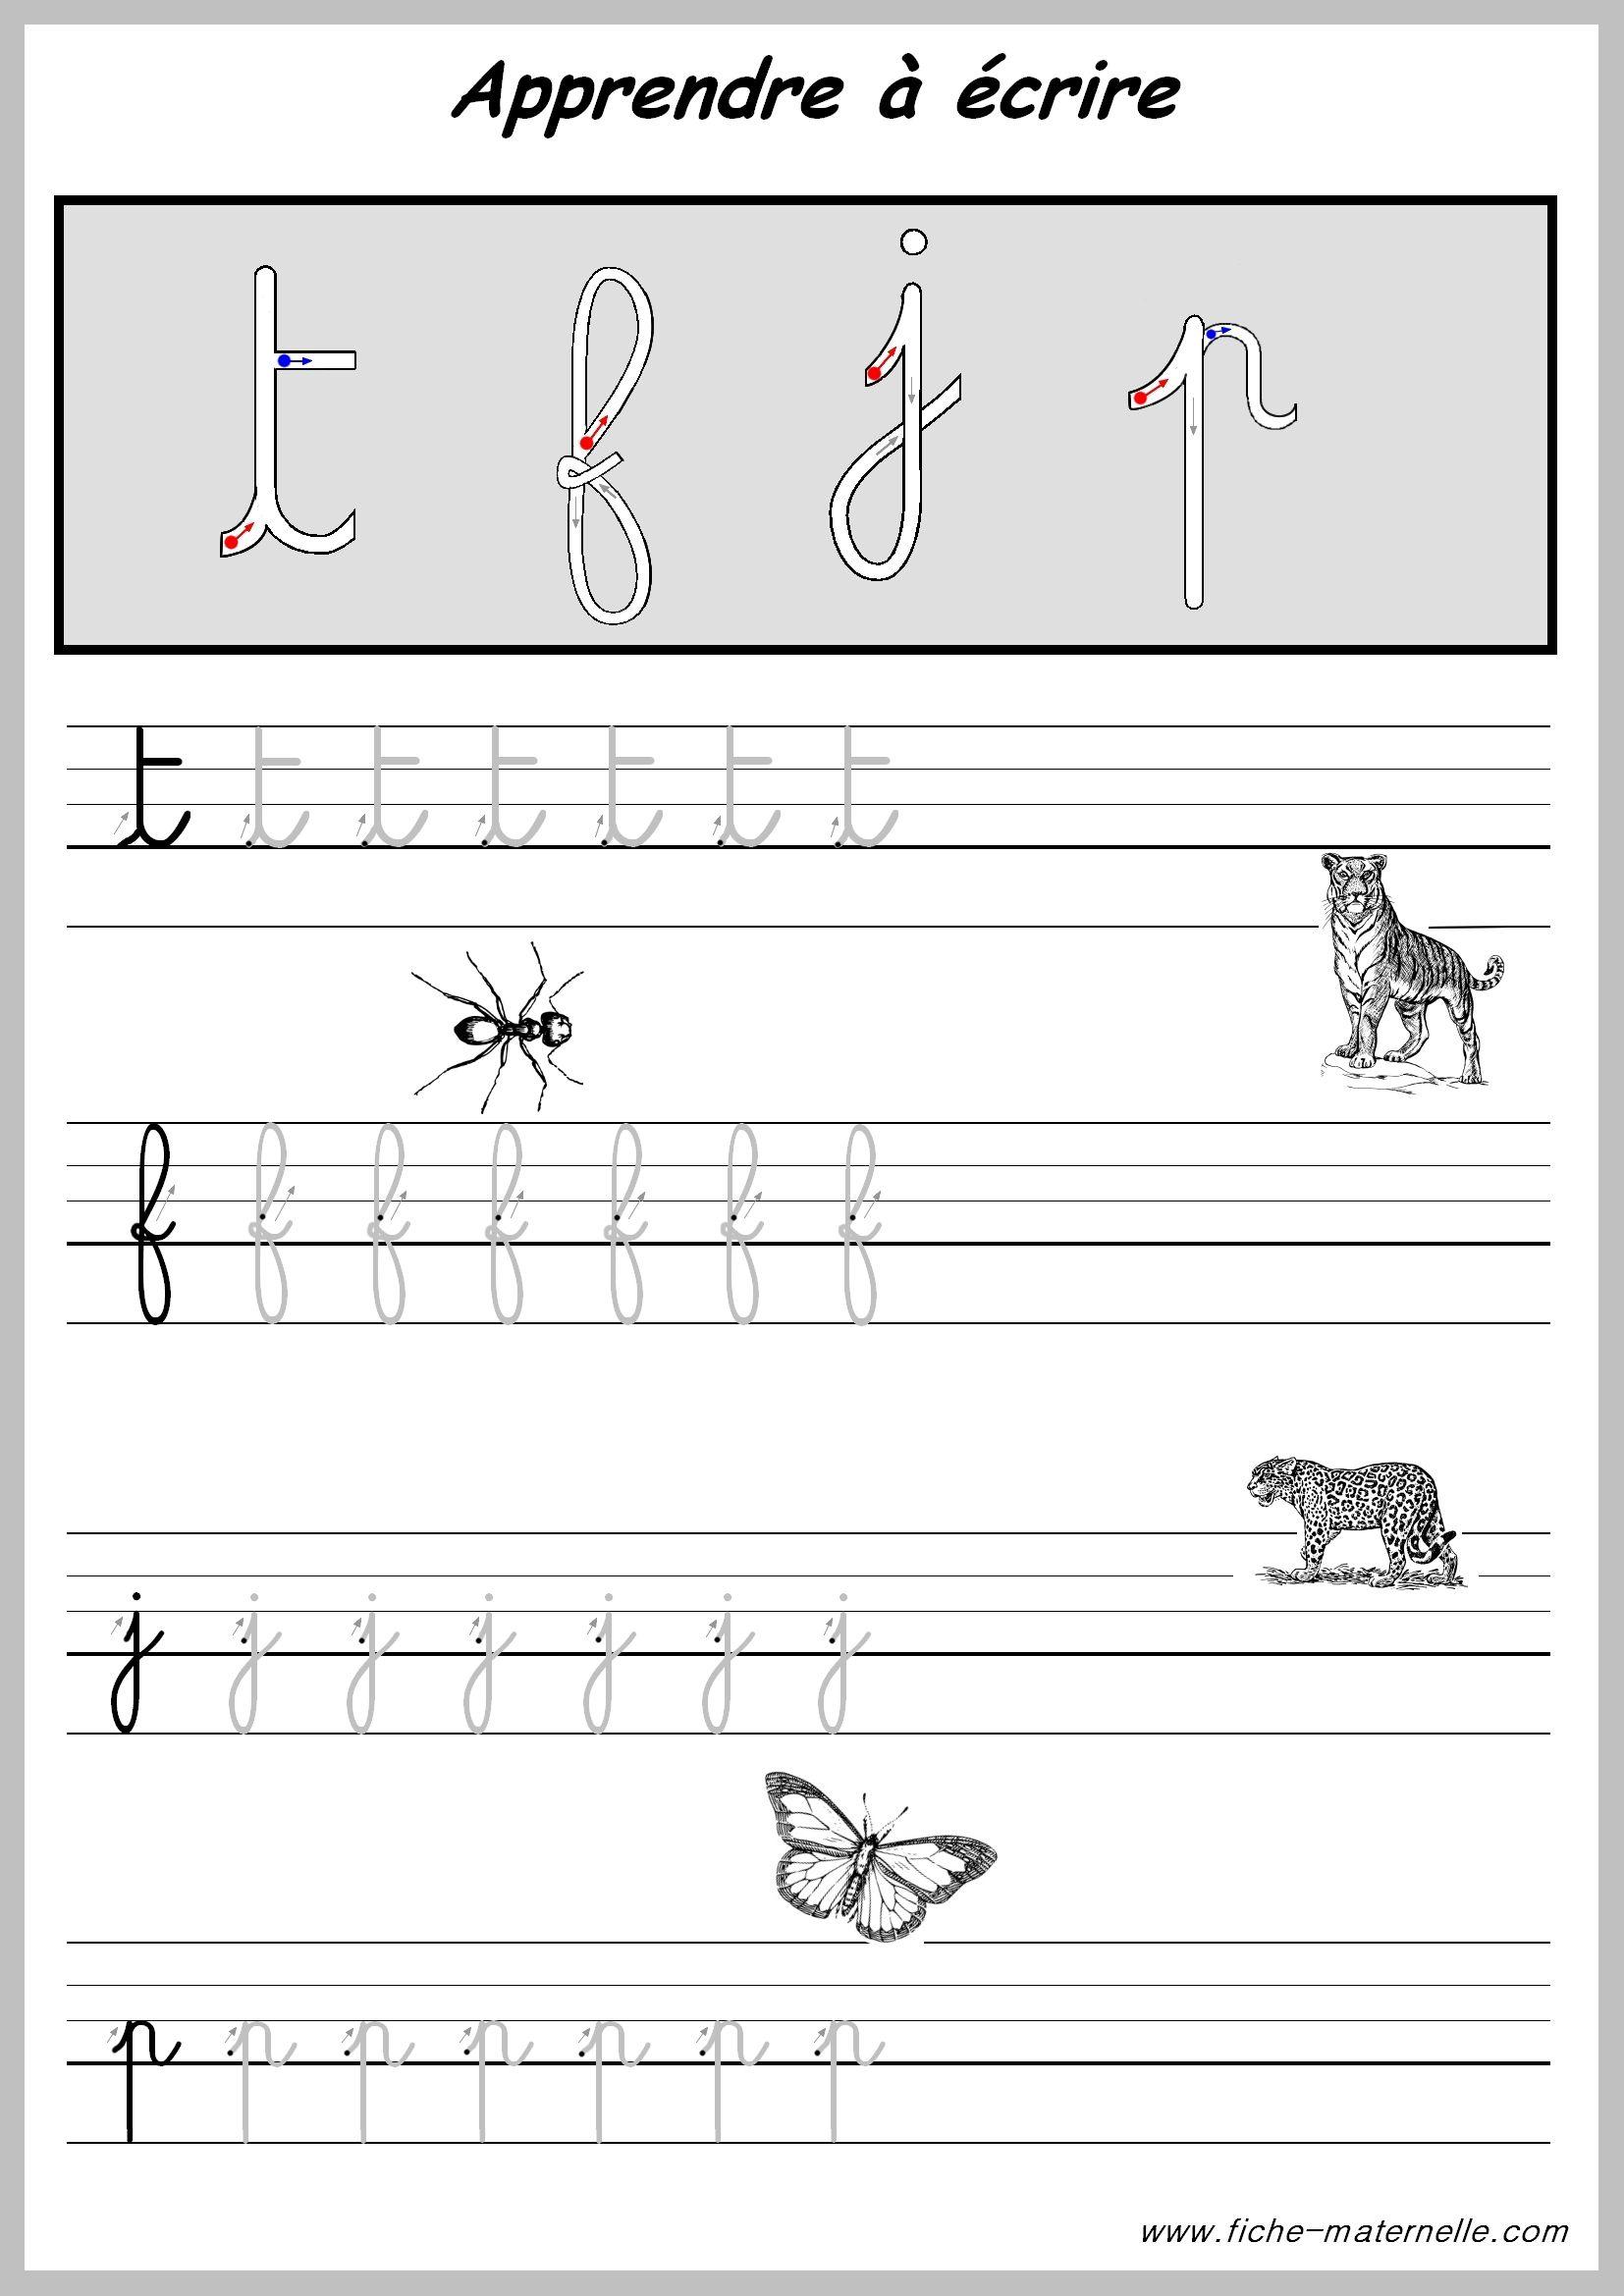 exercices pour apprendre a ecrire les lettres